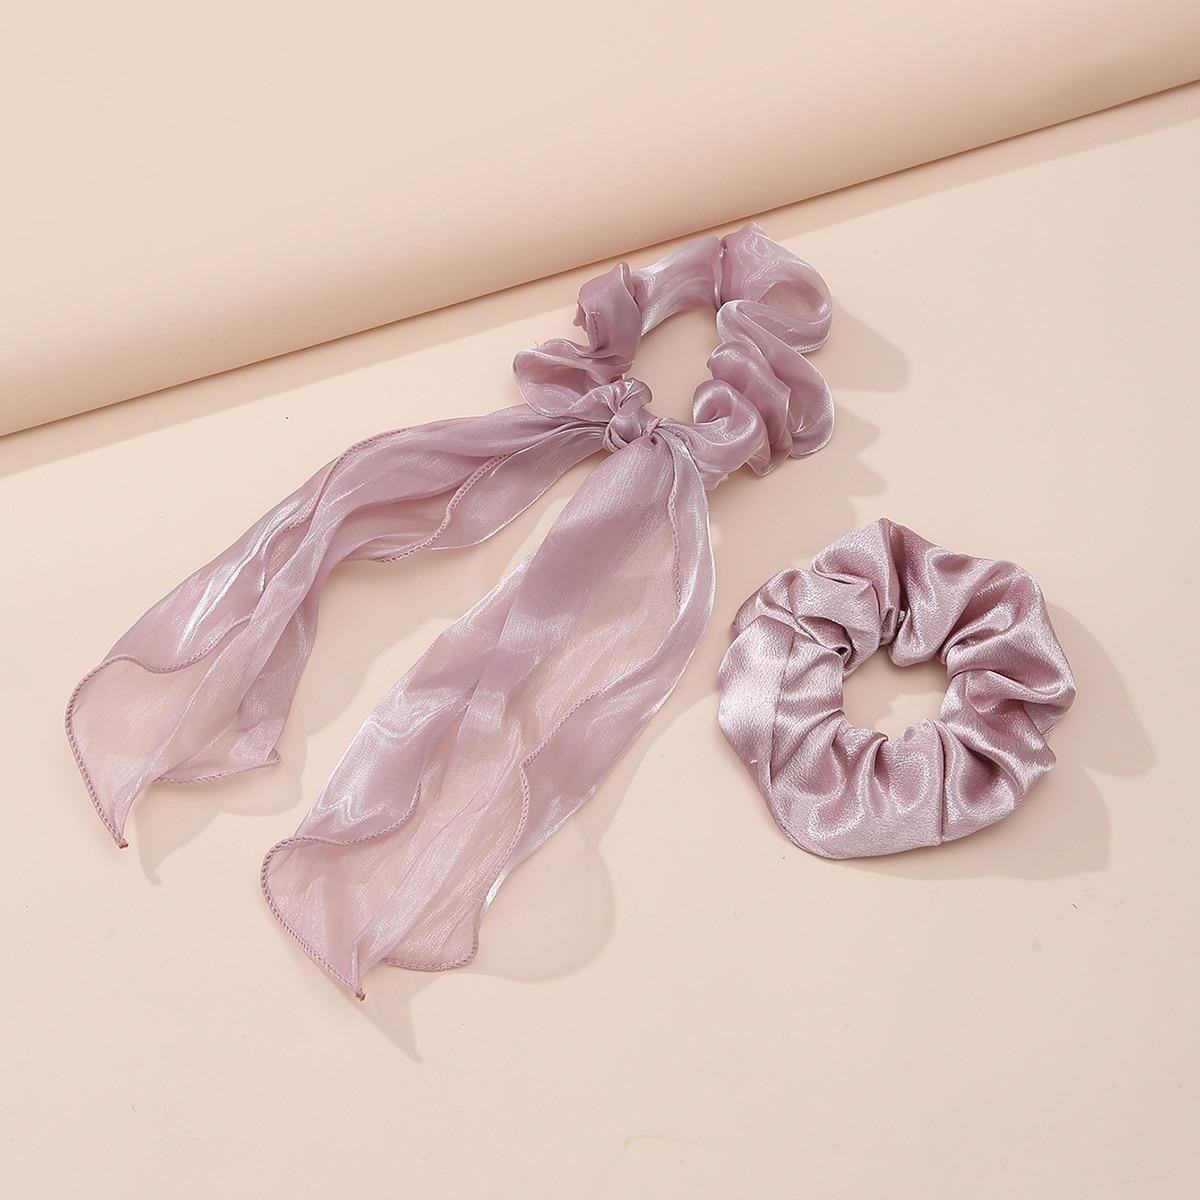 Резинка для волос 1шт и шарф для волос 1шт от SHEIN